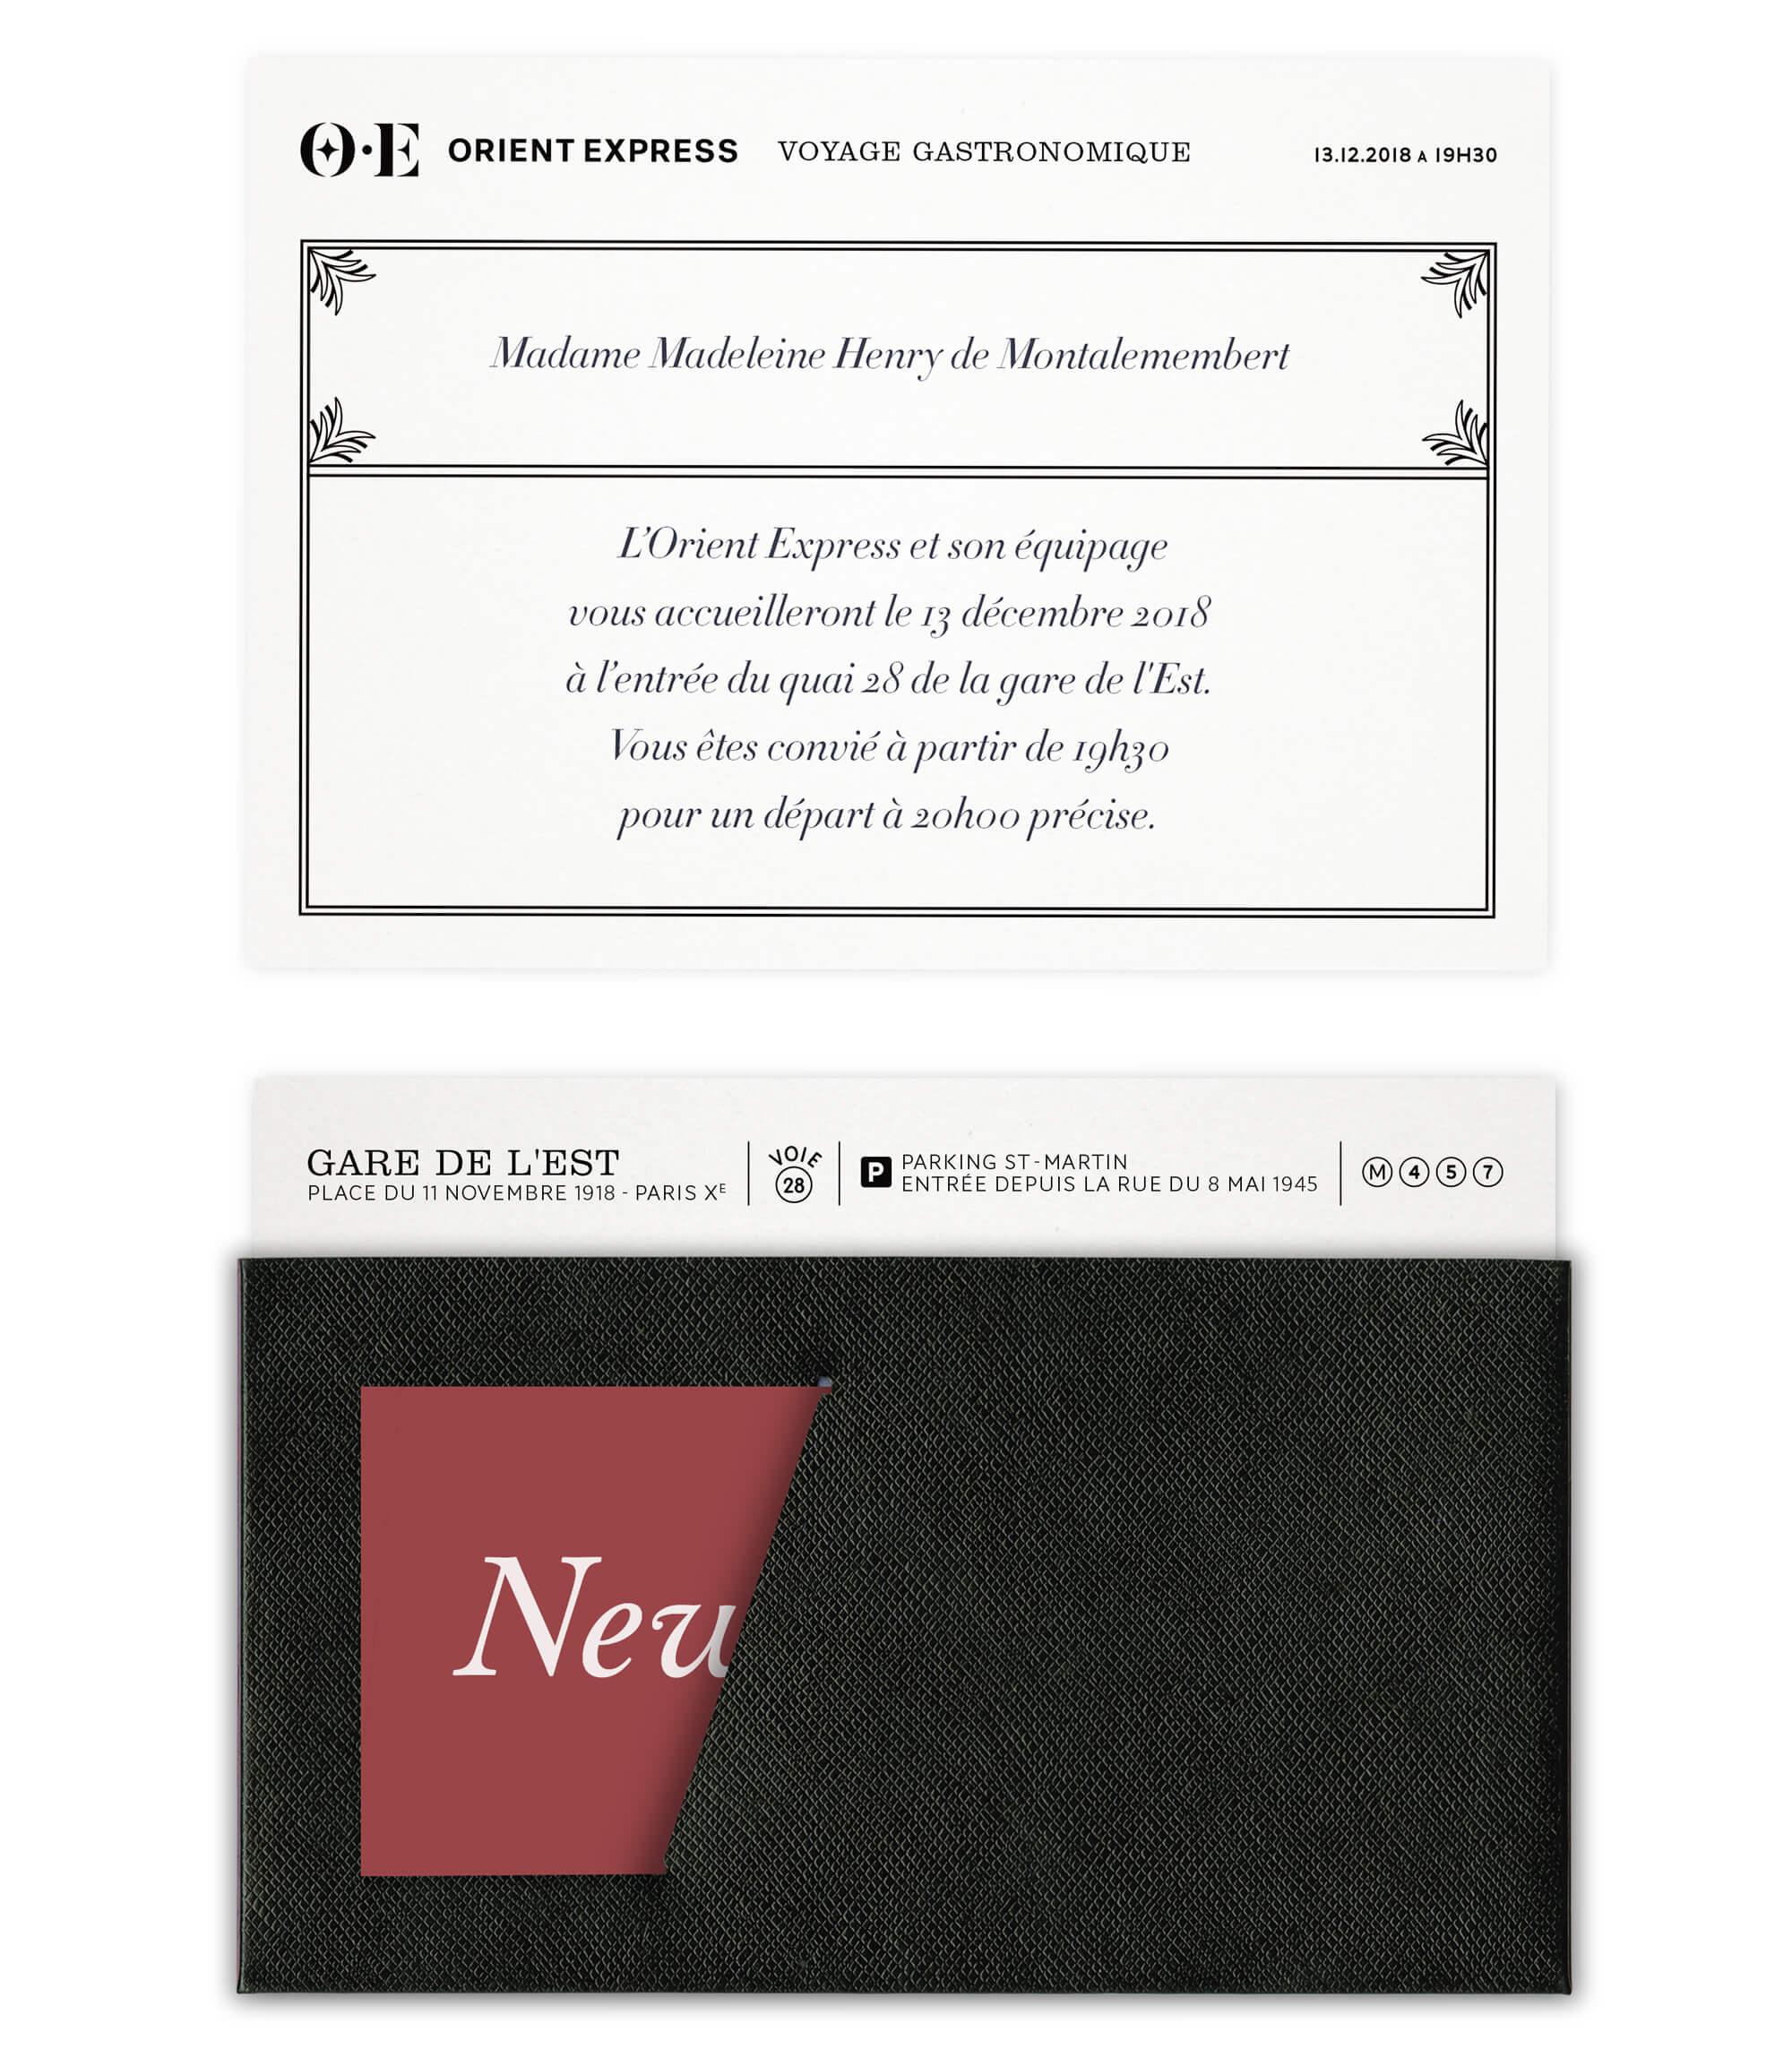 un branding événementiel Orient Express modulable pour les événements a bord du train, invitation dans sa pochette en cuir grainé et petite carte bordeaux personnalisée par le client